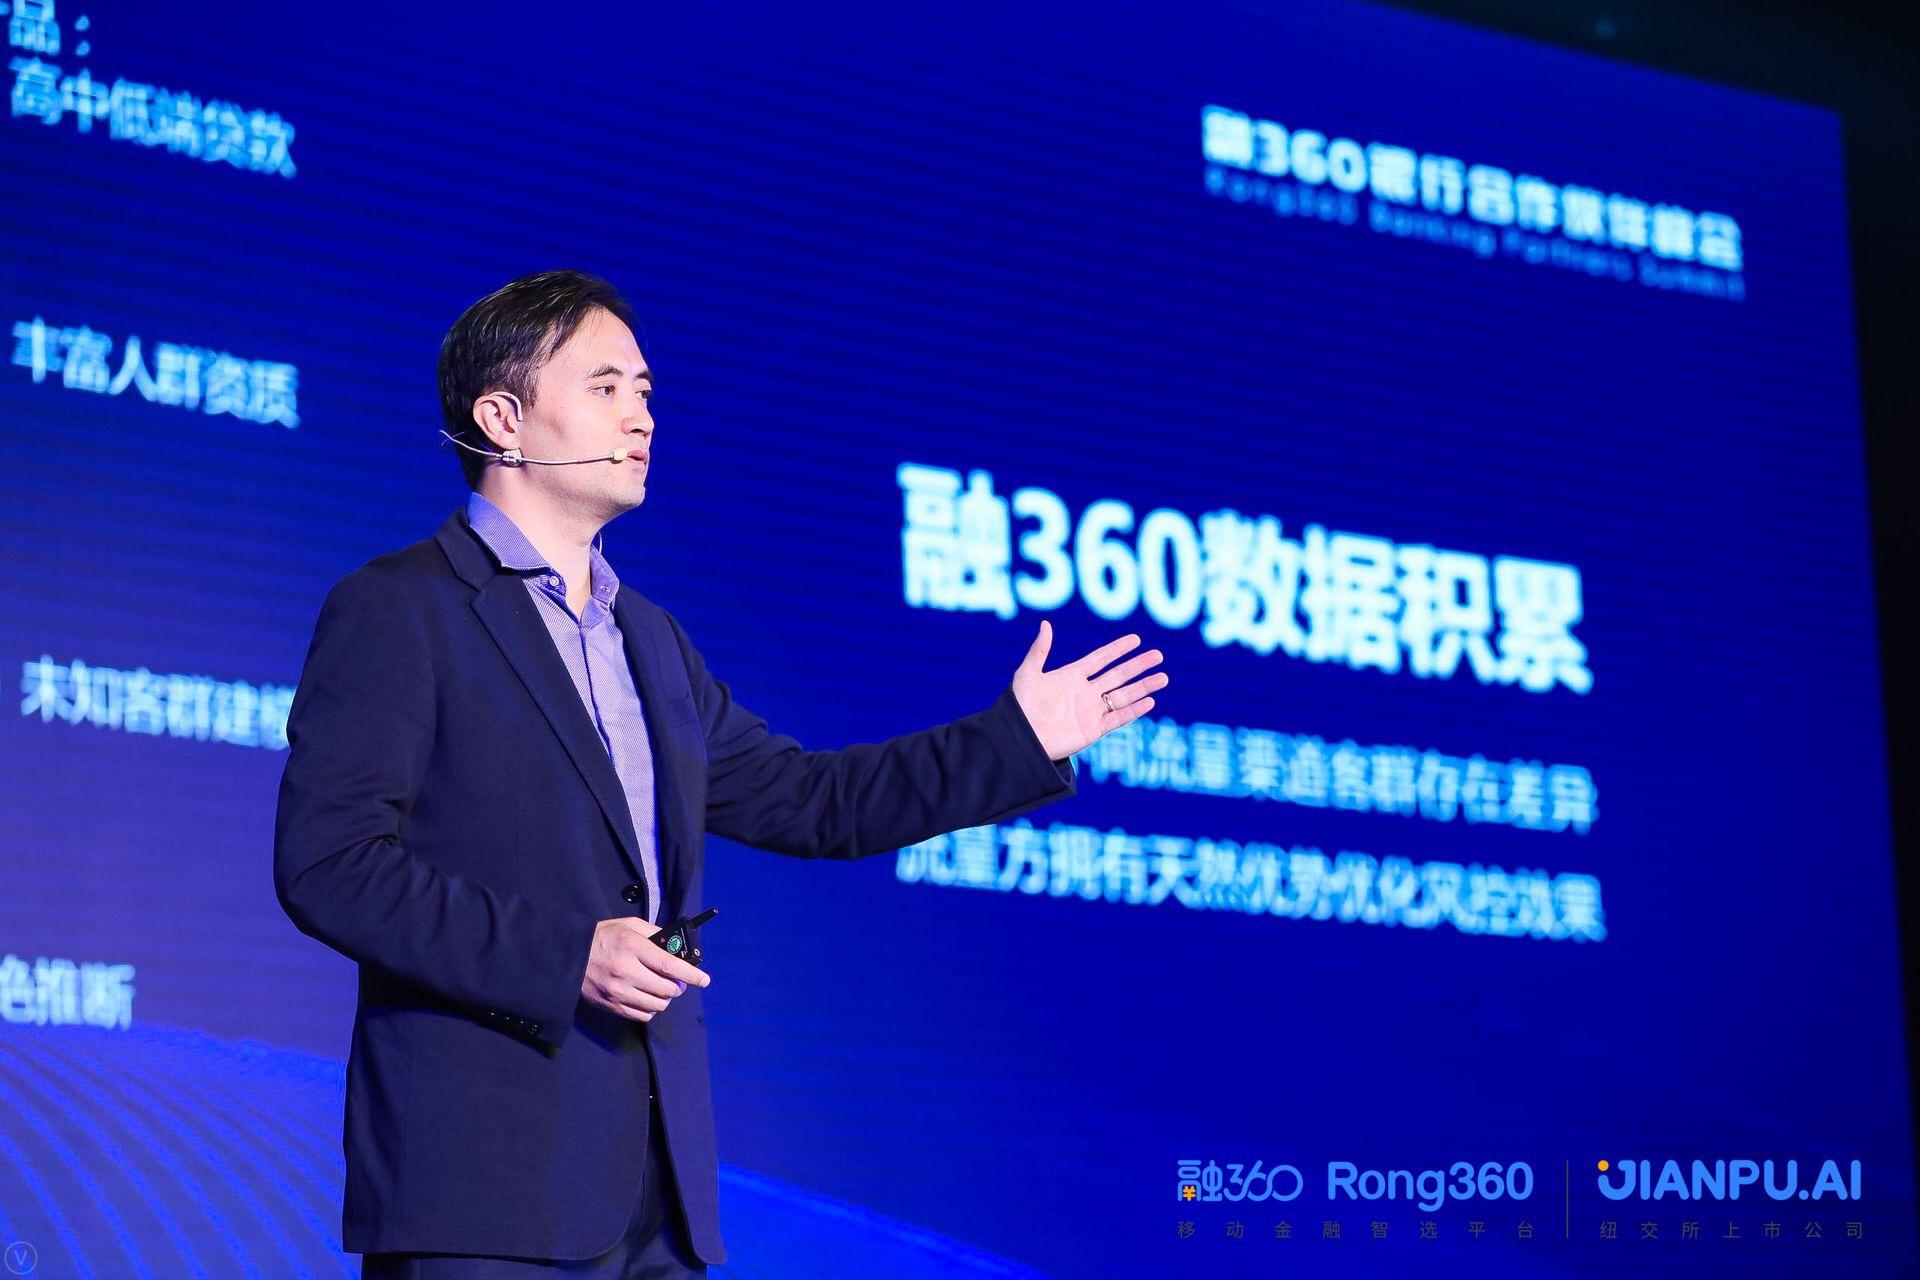 探索智能金融发展新趋势 融360携手银行共建开放金融生态圈